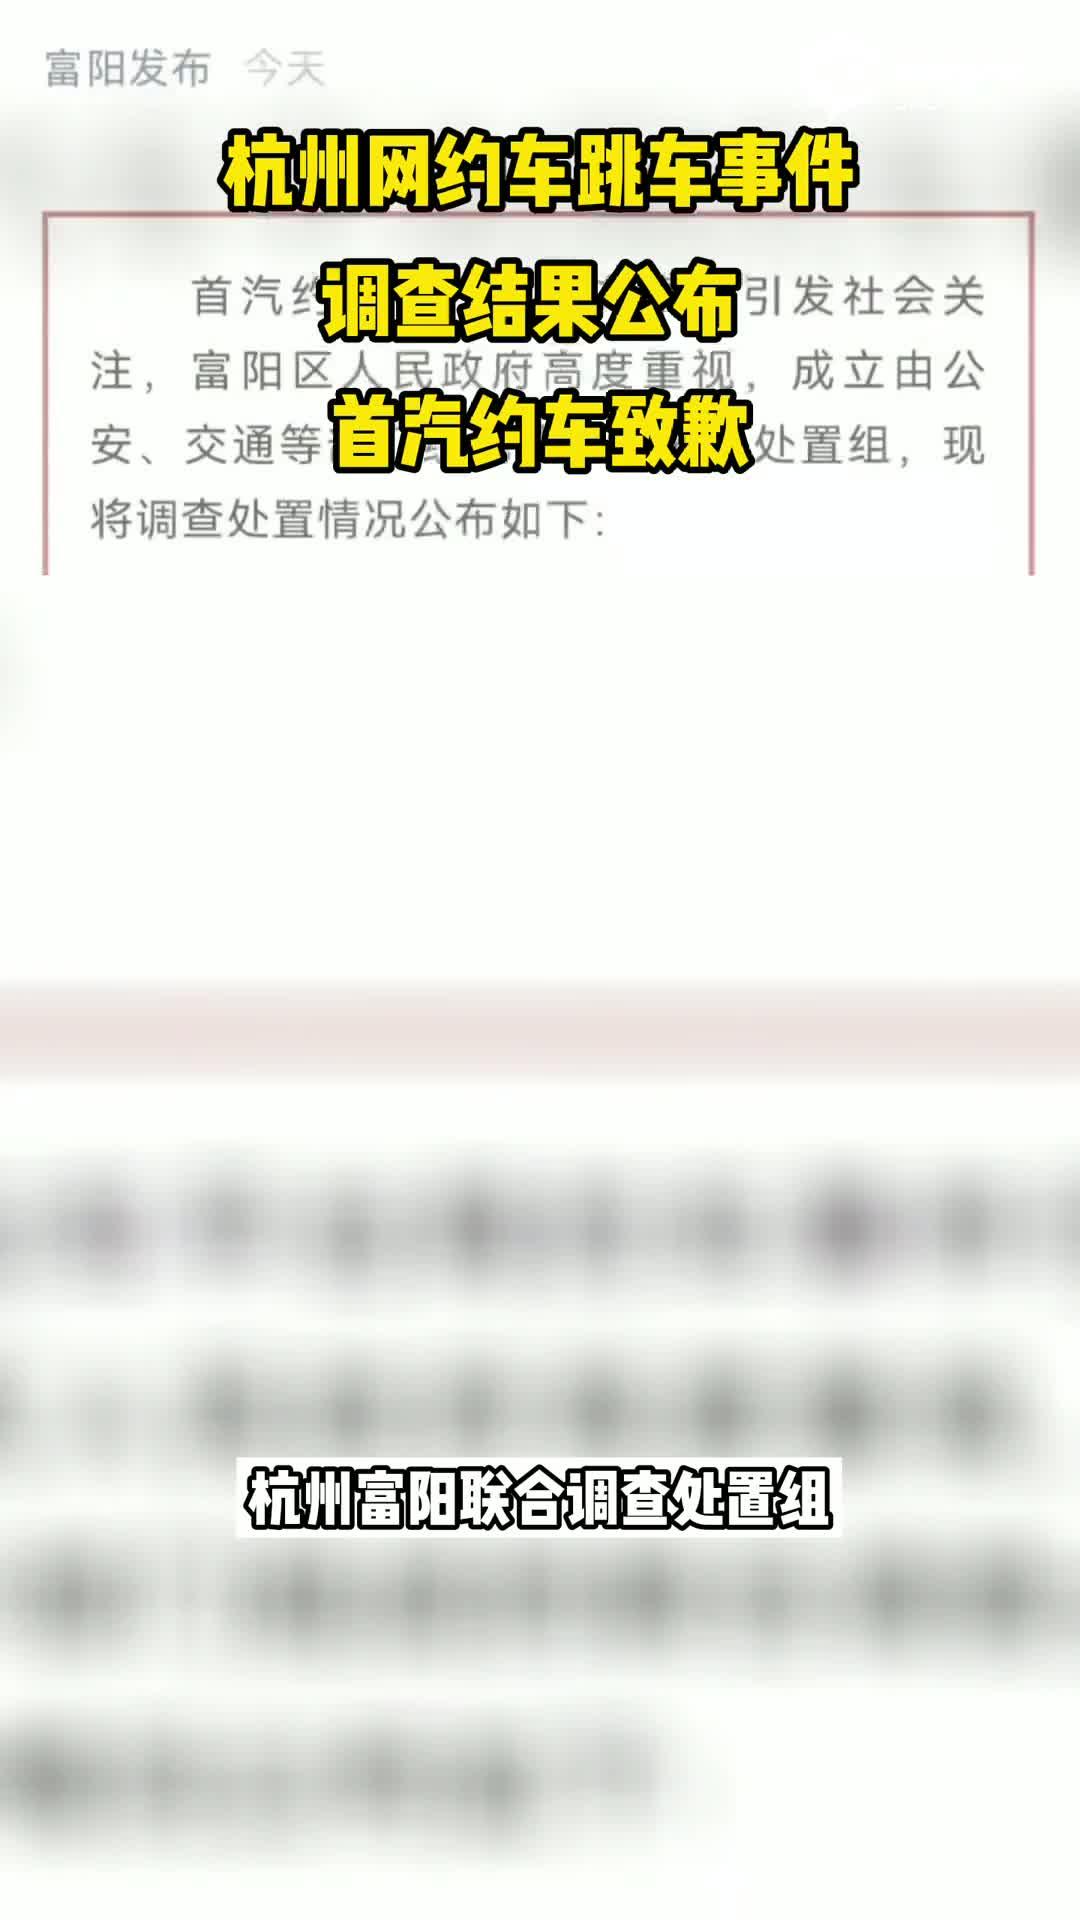 杭州网约车跳车事件调查结果公布 首汽约车致歉